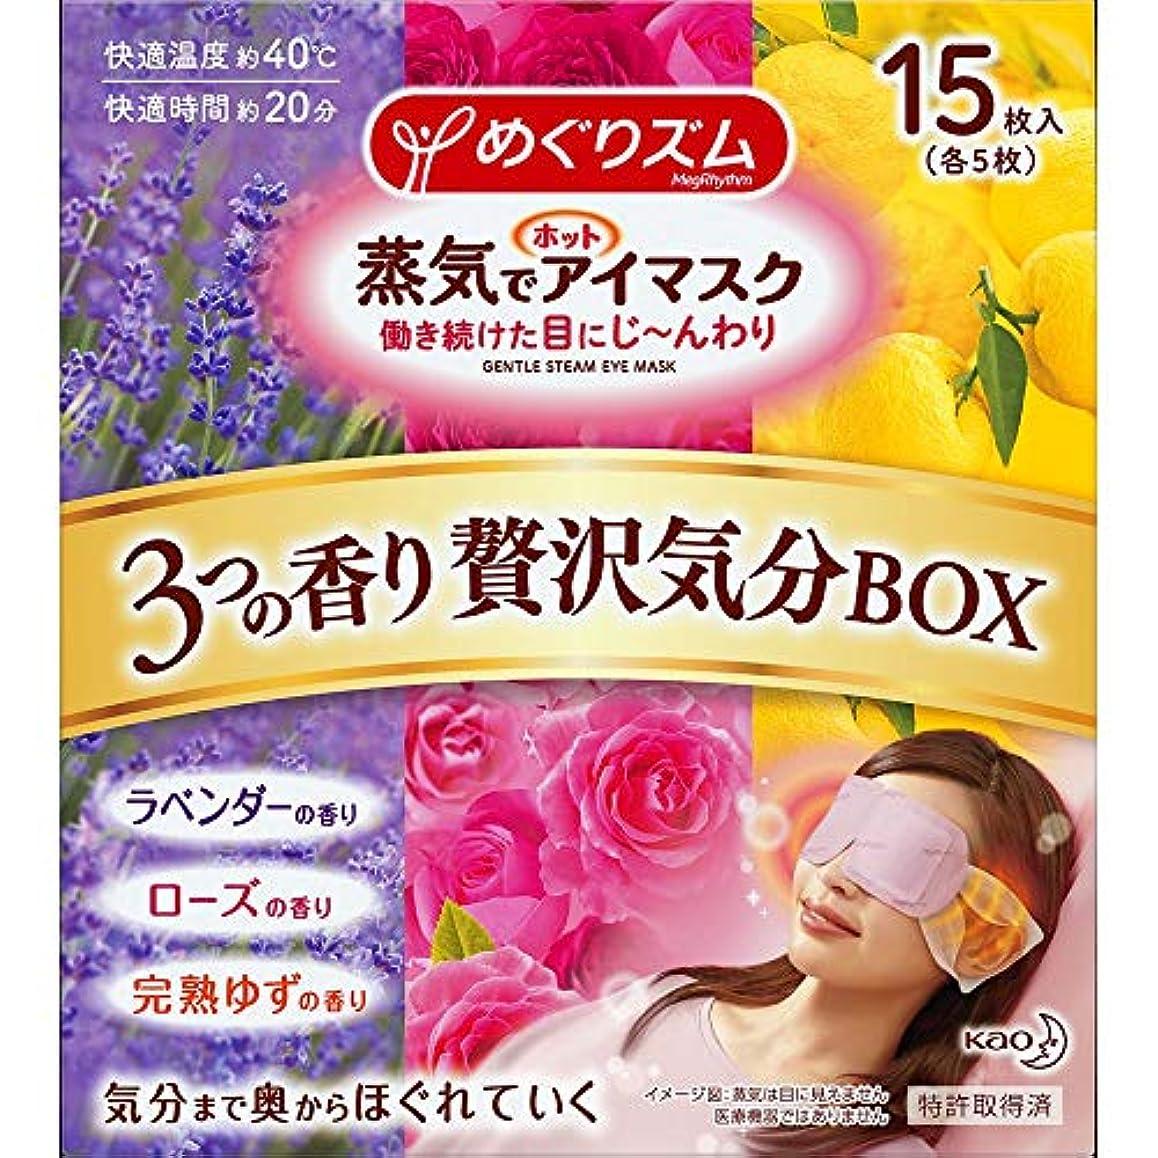 拡声器スリチンモイ控えめな【数量限定】めぐりズム 蒸気でホットアイマスク アソートBOX(ラベンダーの香り、完熟ゆずの香り、ローズの香り各5枚) 15枚入